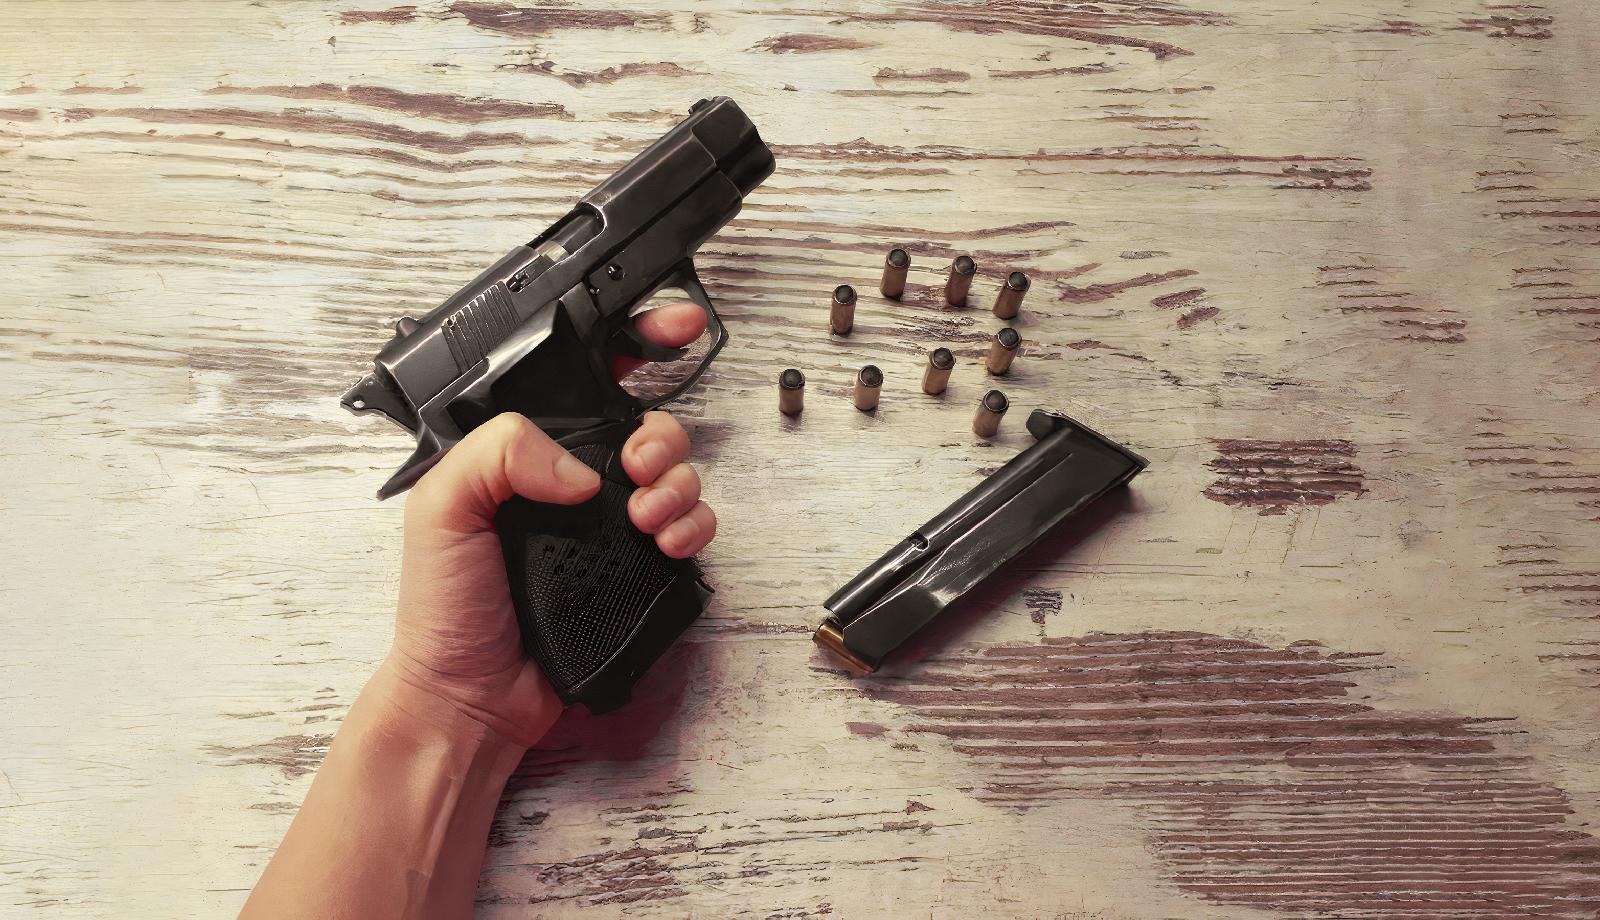 Адвокати матимуть право на травматичну зброю